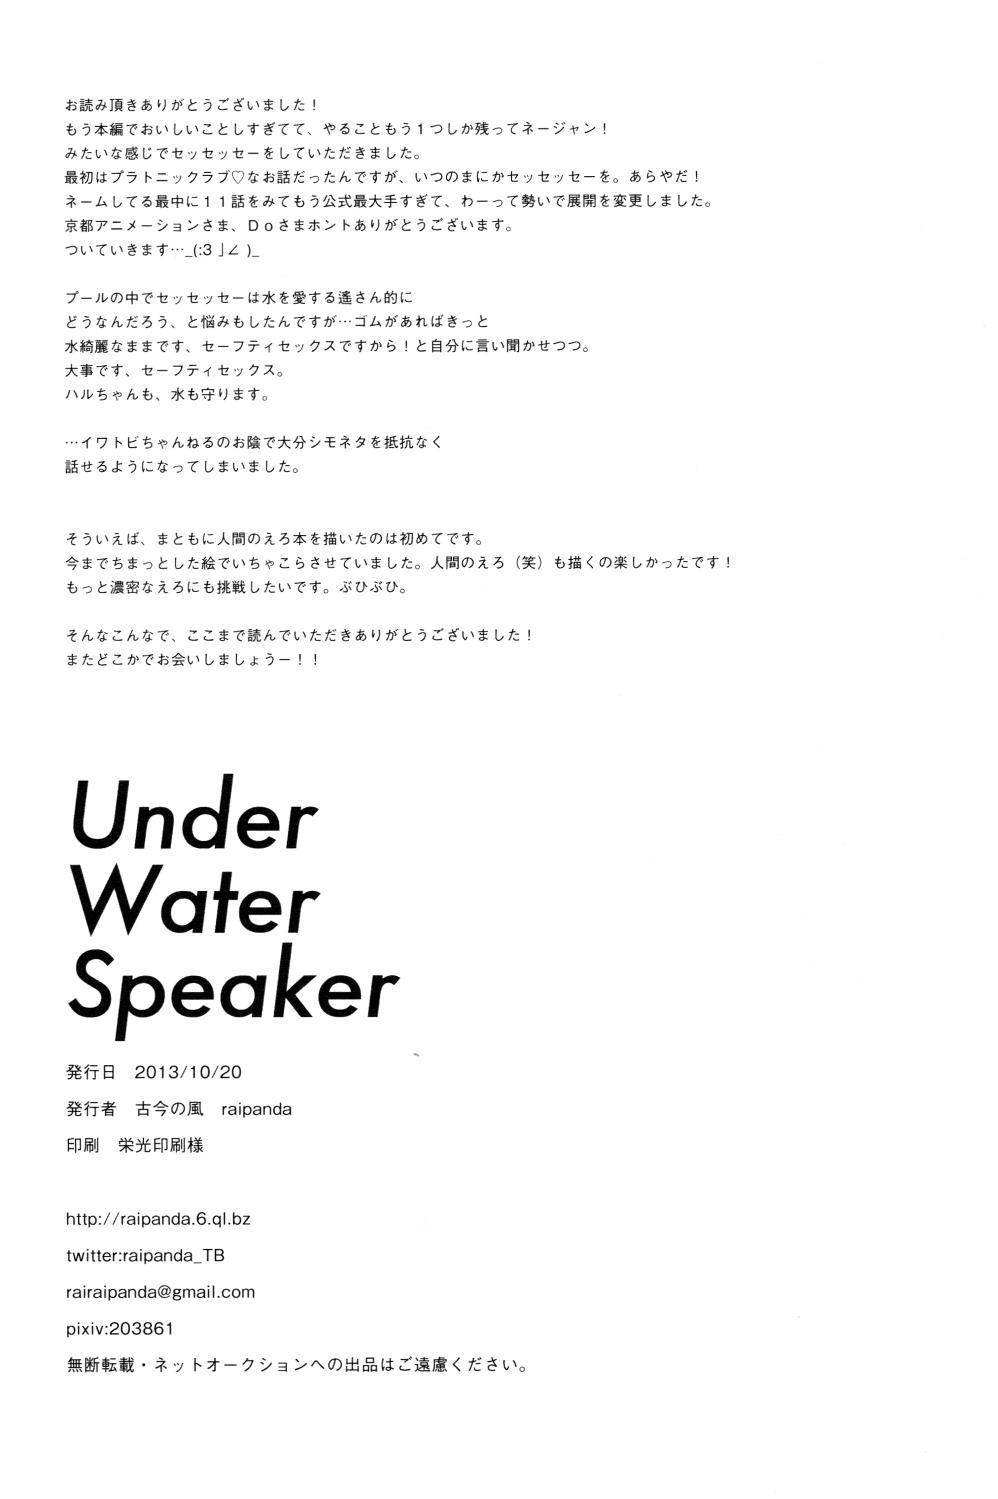 Under Water Speaker 32